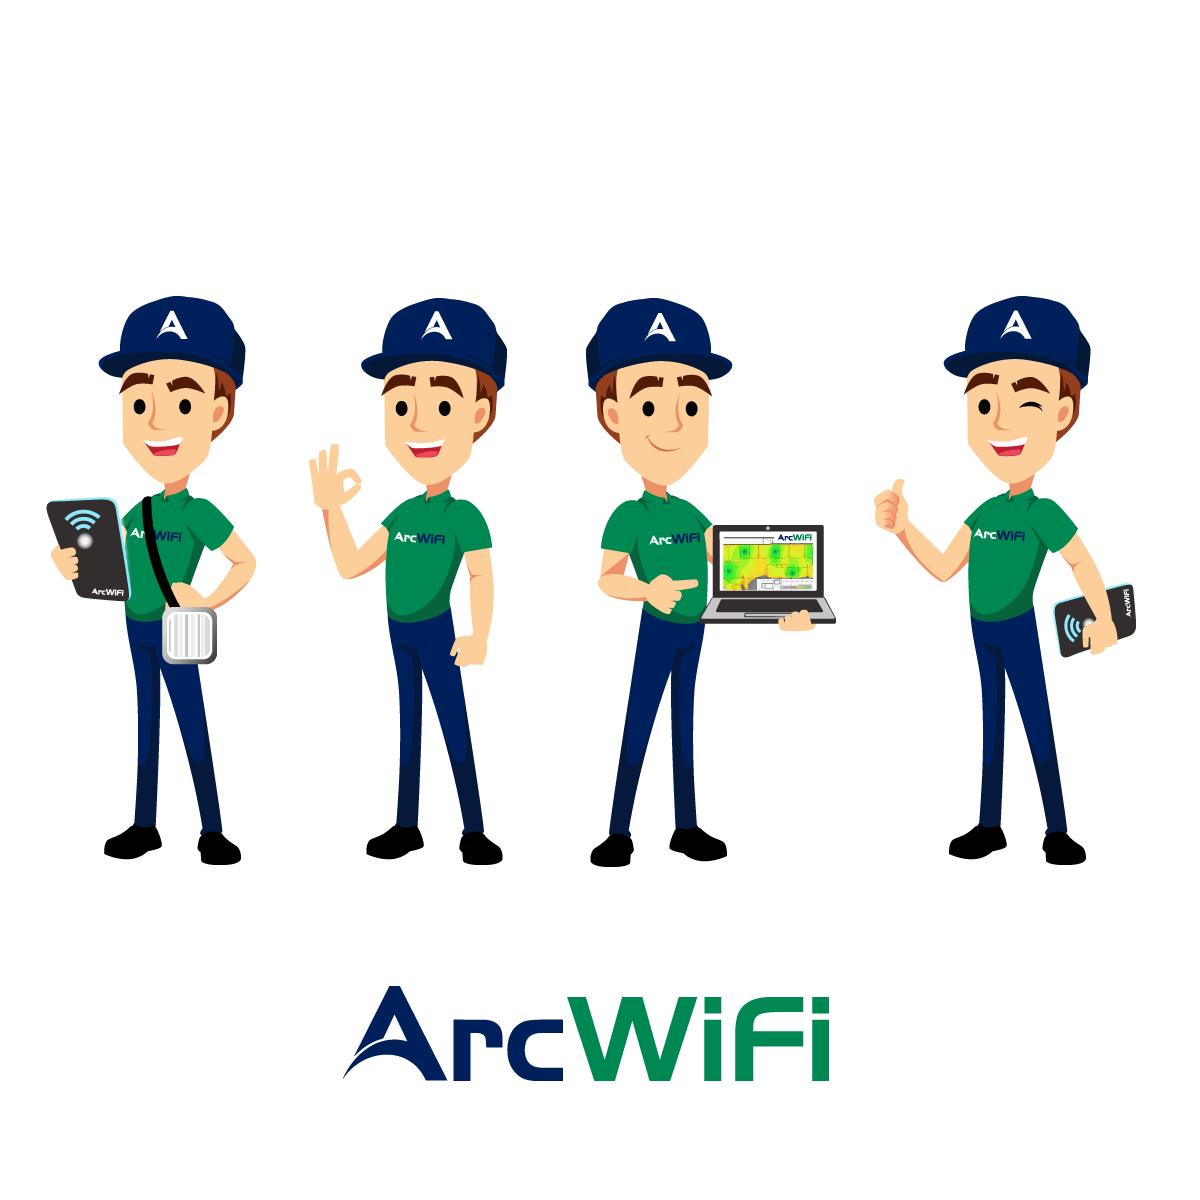 Design a mascot for high profile Wi-Fi company